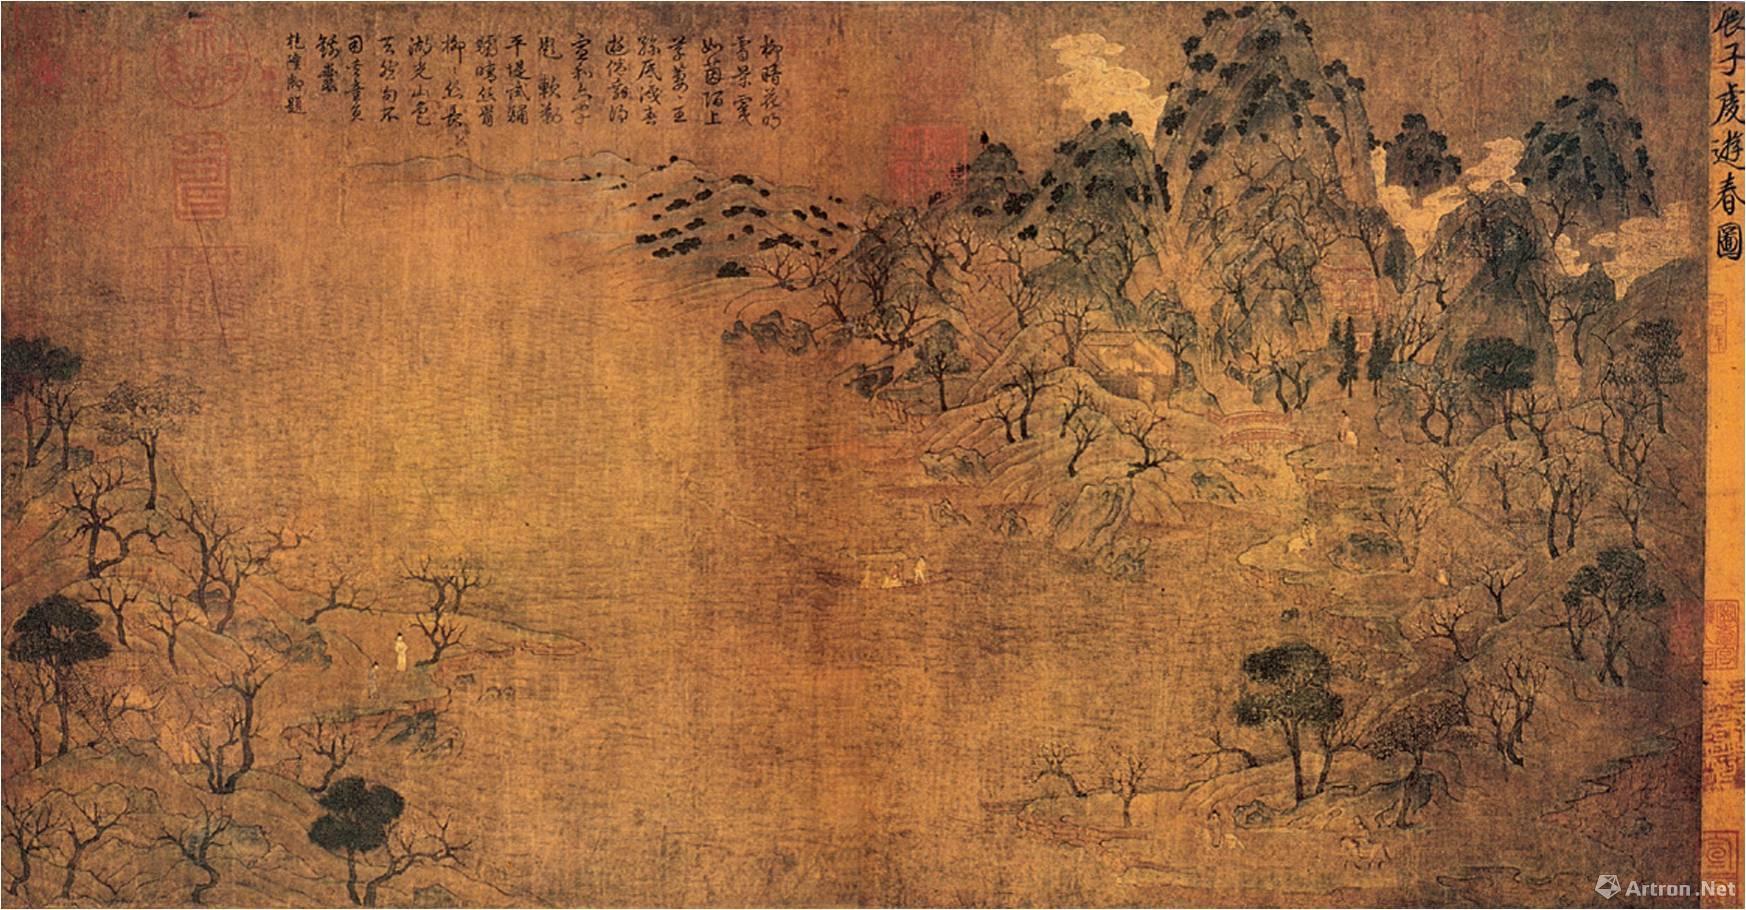 传 隋 展子虔《游春图》卷,技法特征:非常淡、薄涂的石青、石绿色